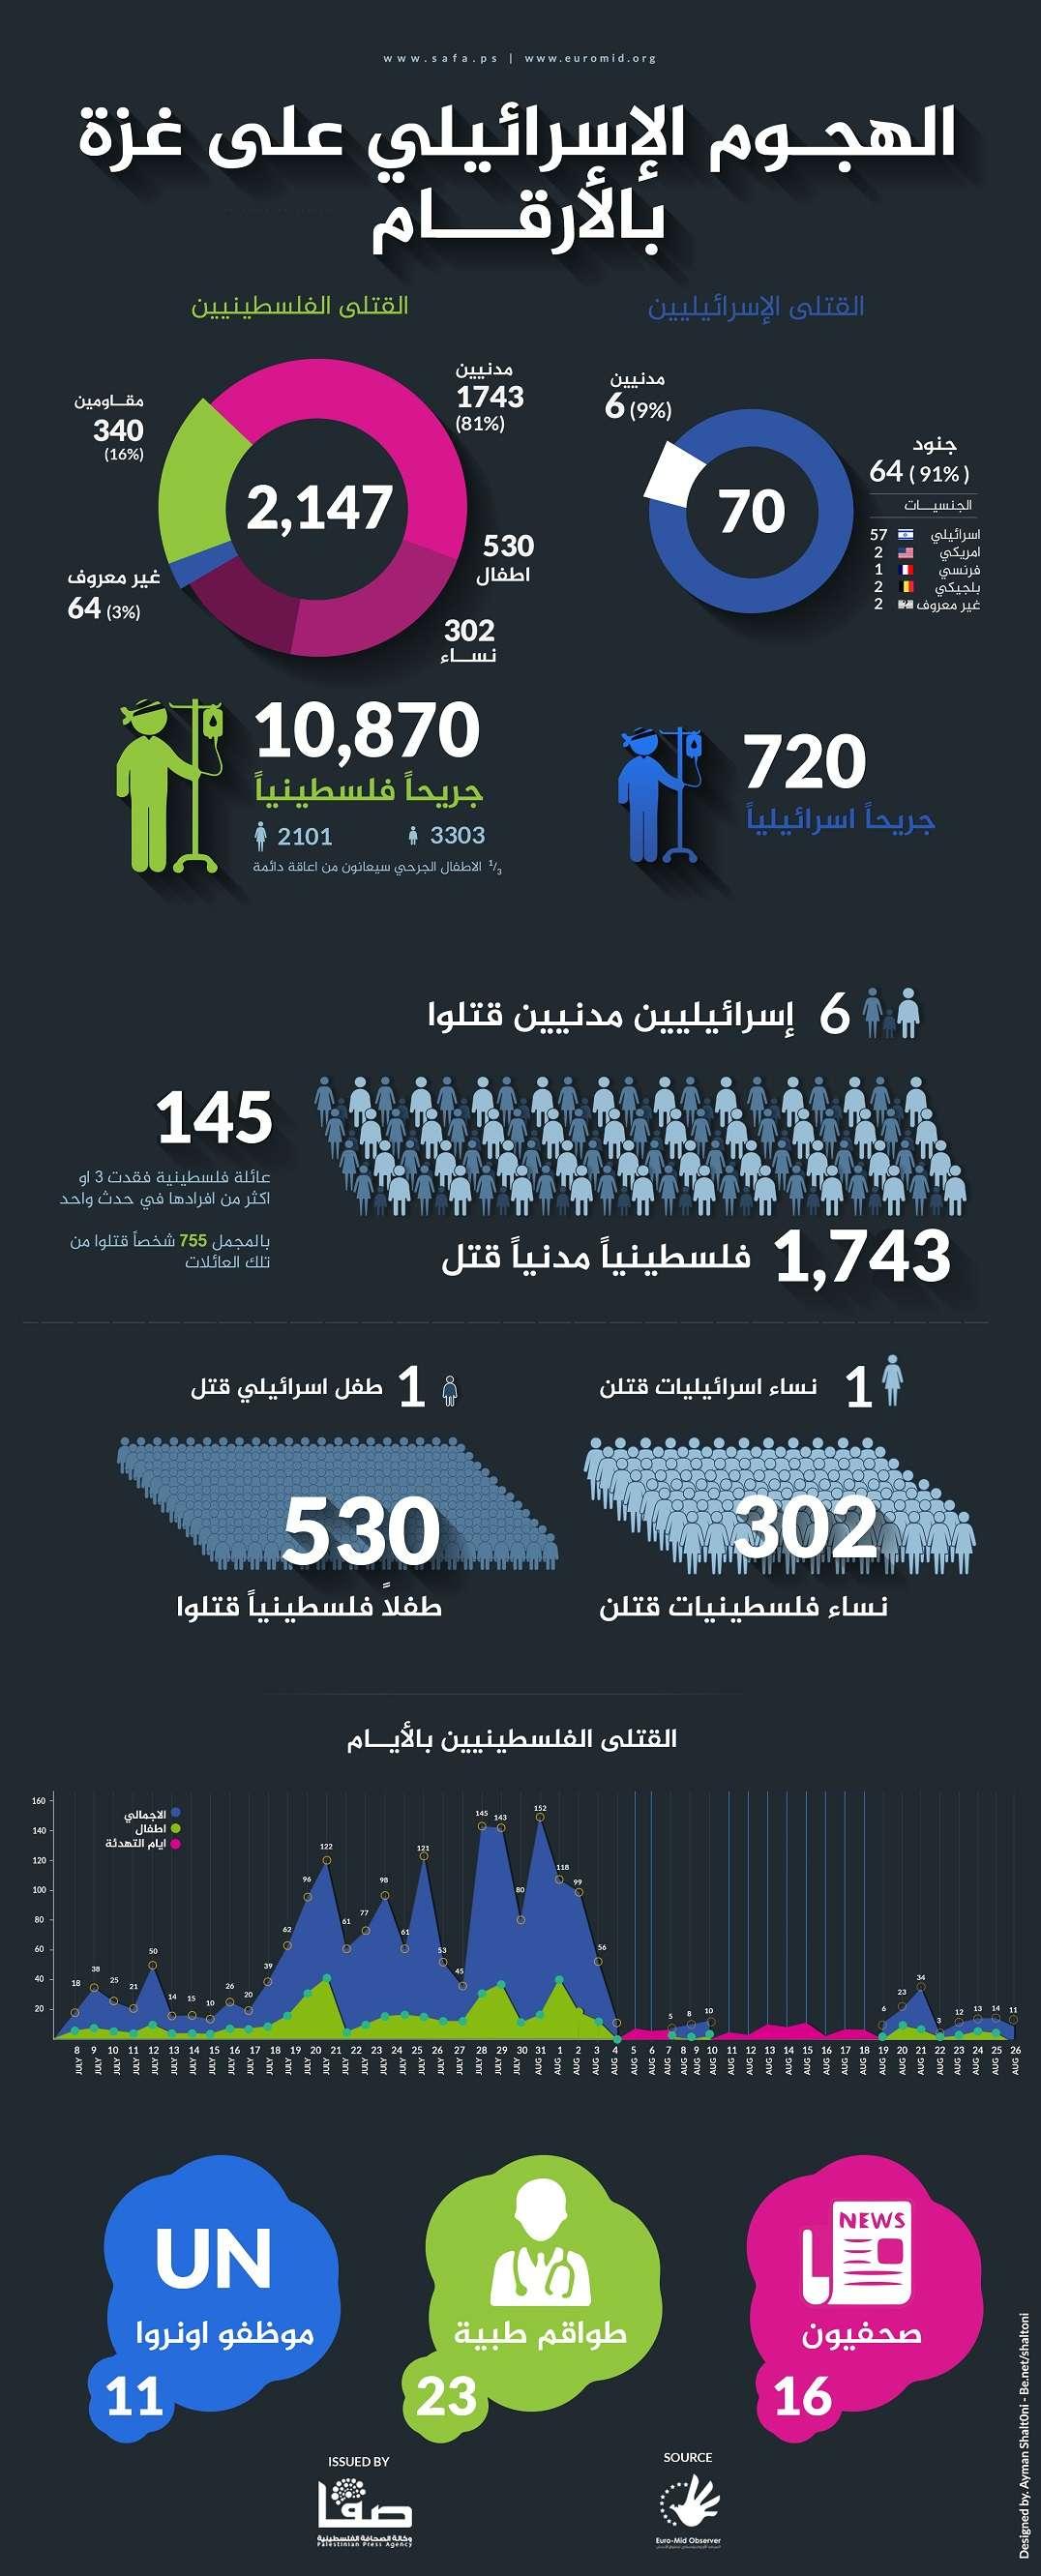 الهجوم الإسرائيلي على غزة بالأرقام